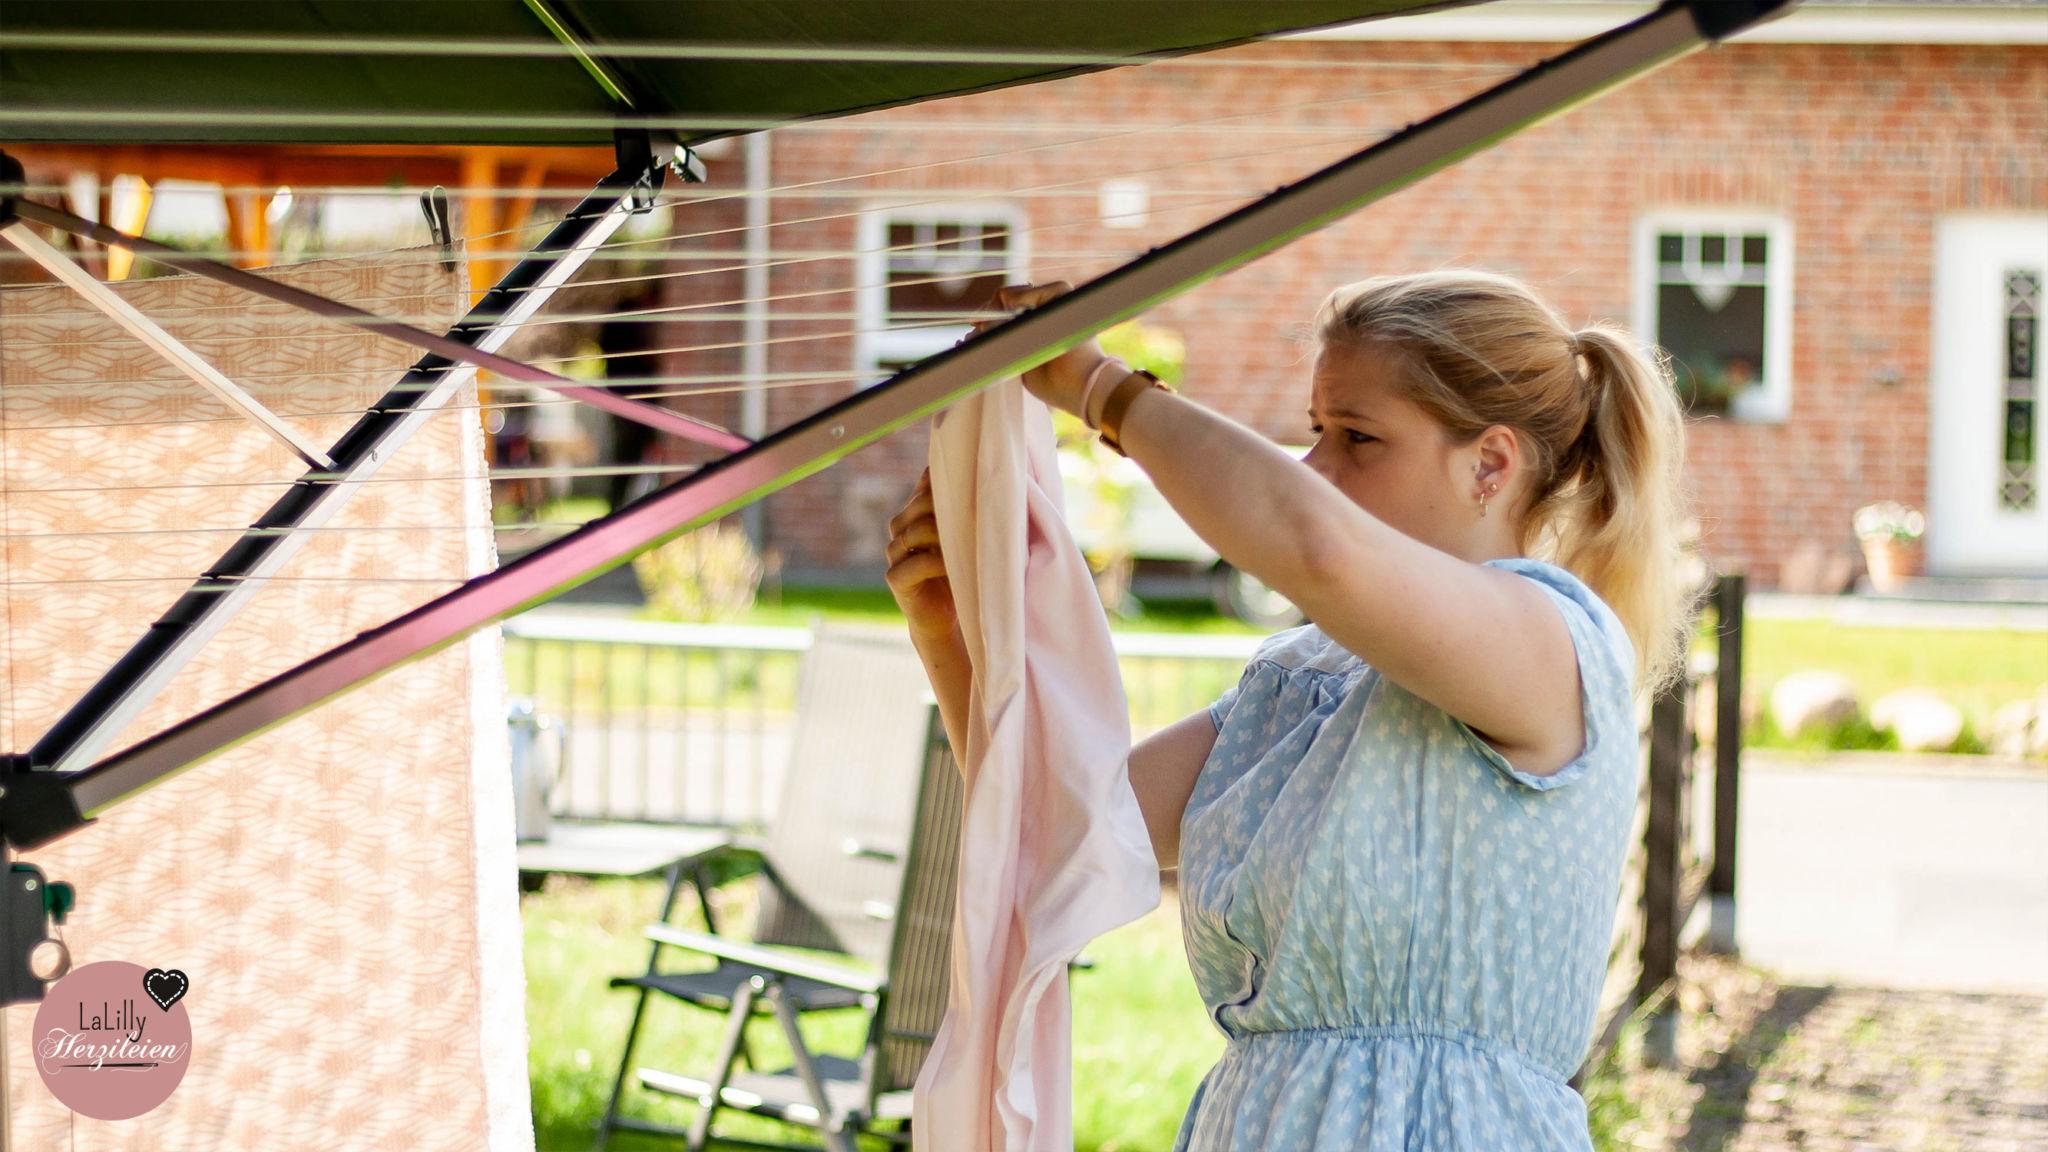 Anzeige: Stoff vorwaschen und trocknen auf der ersten Wäschespinne mit Dach